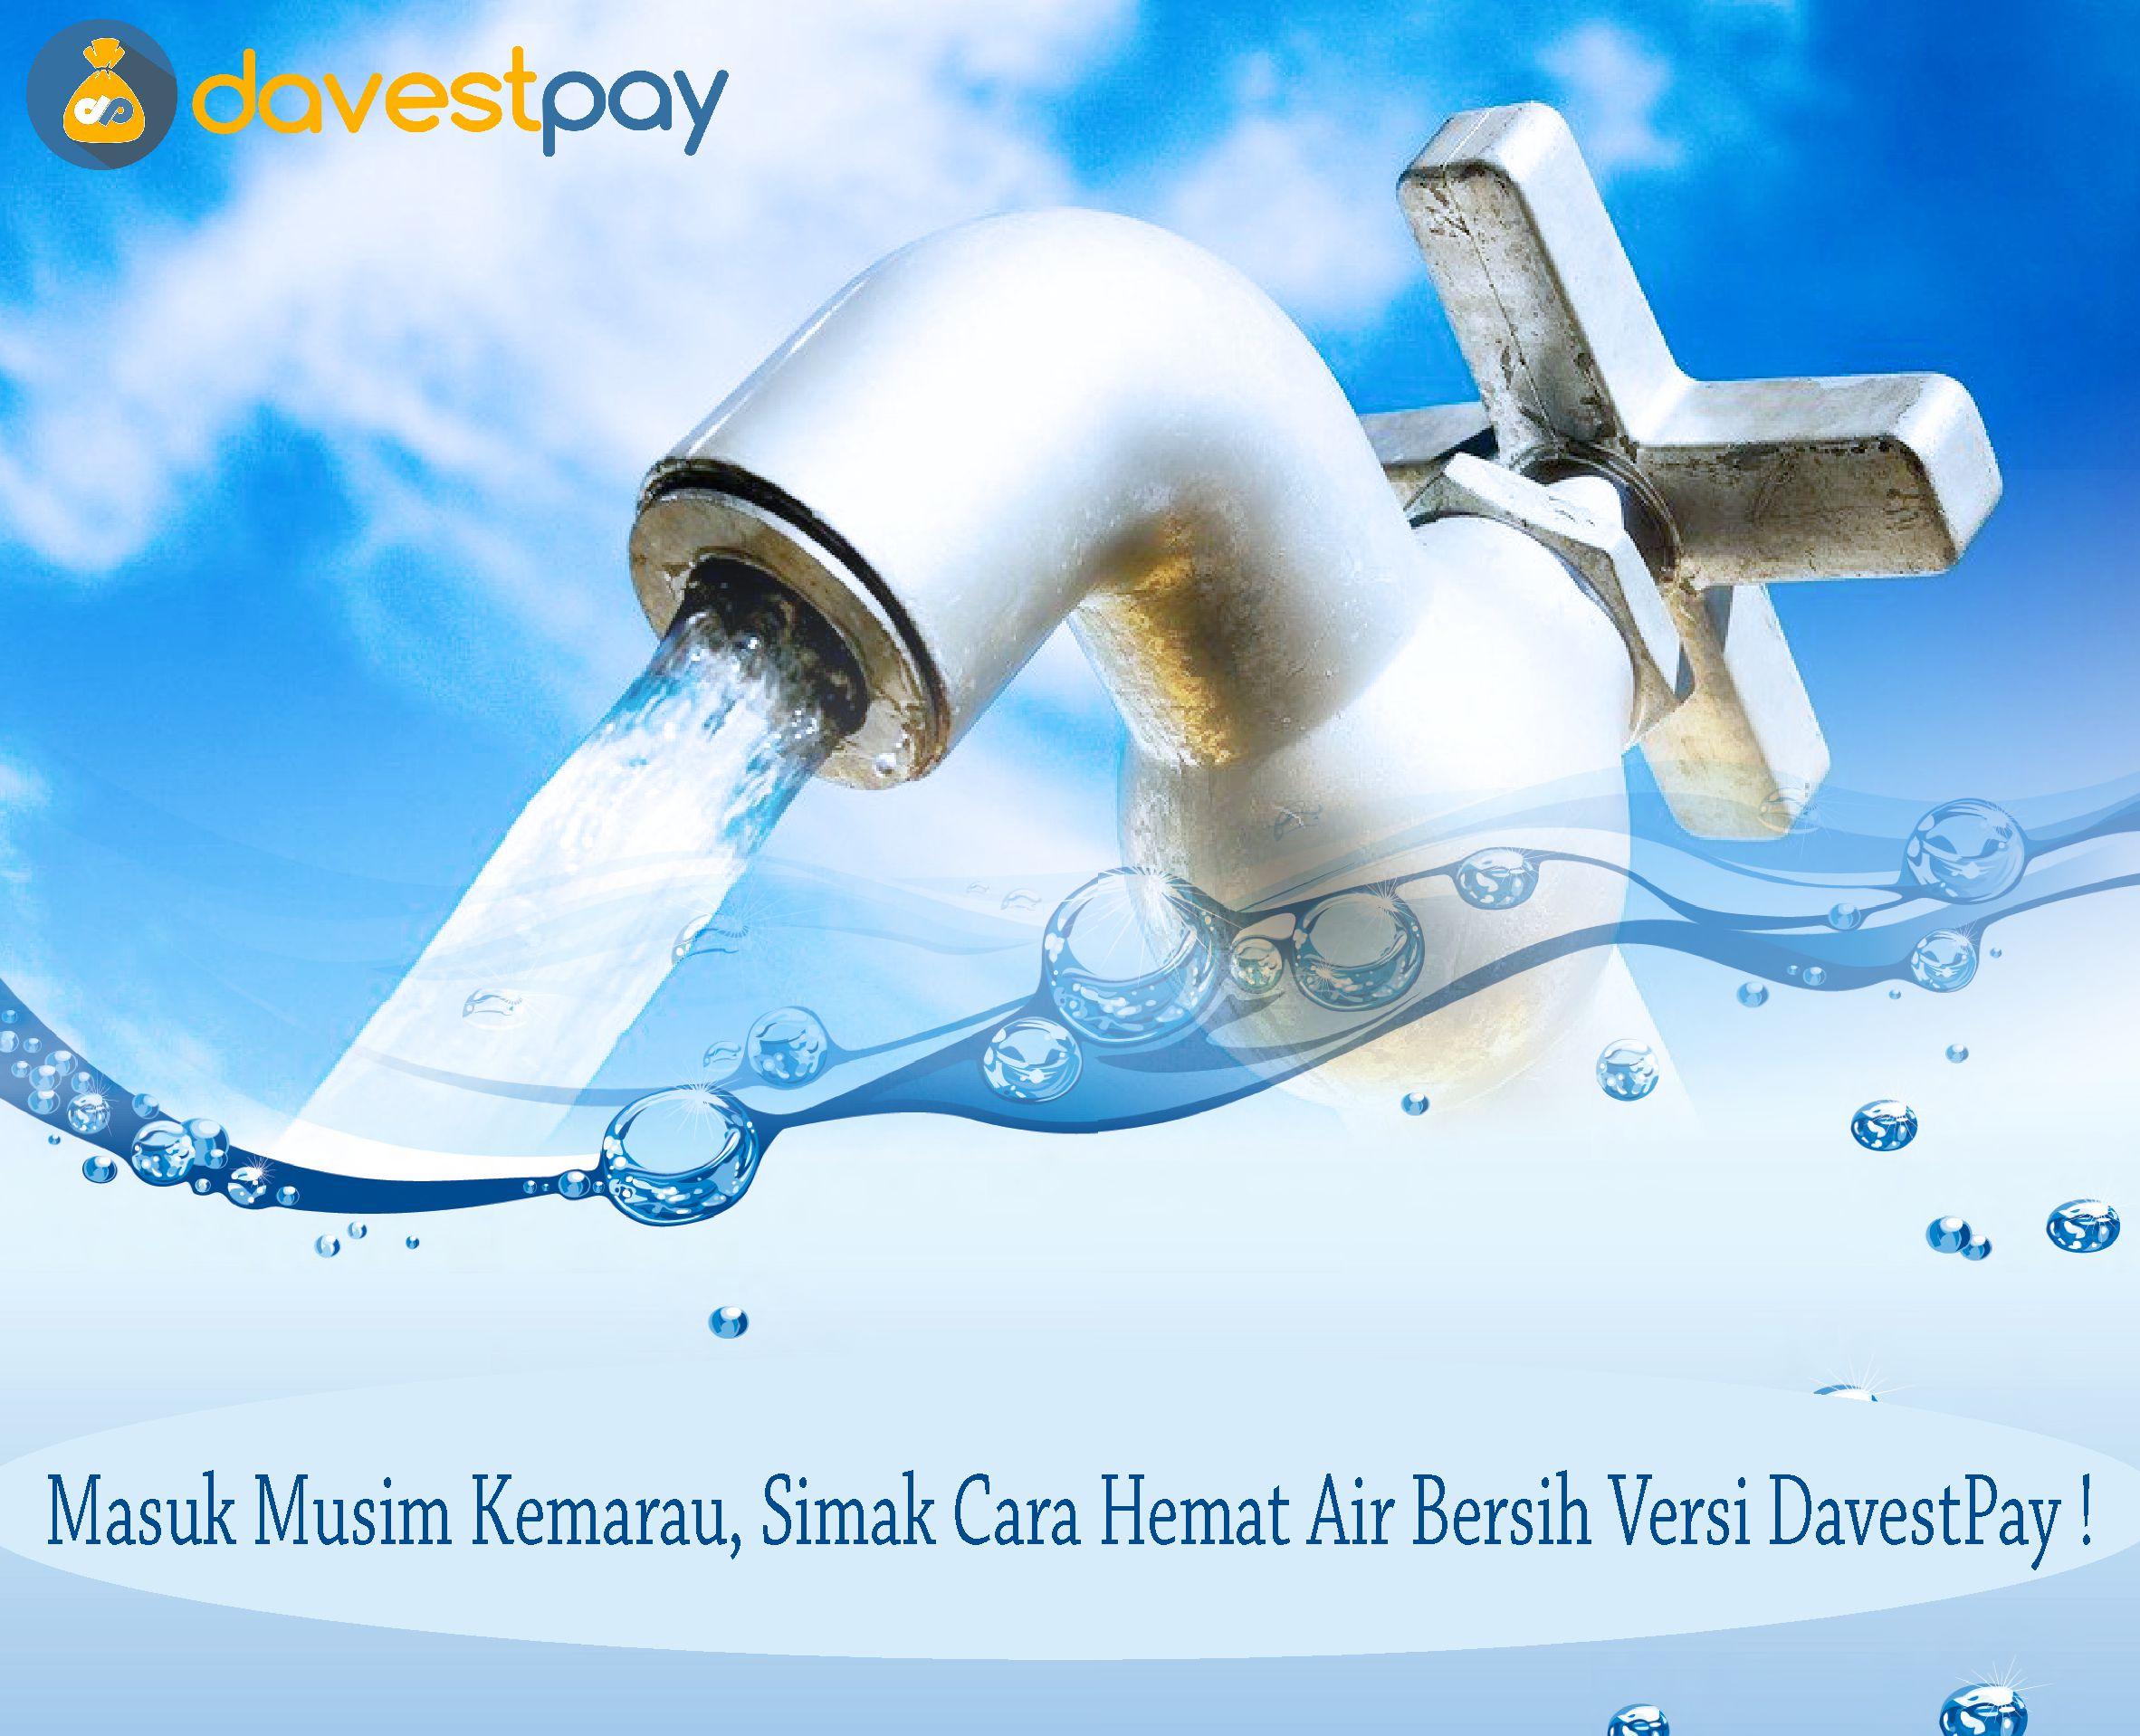 Masuk Musim Kemarau, Simak Cara Hemat Air Bersih Versi DavestPay !